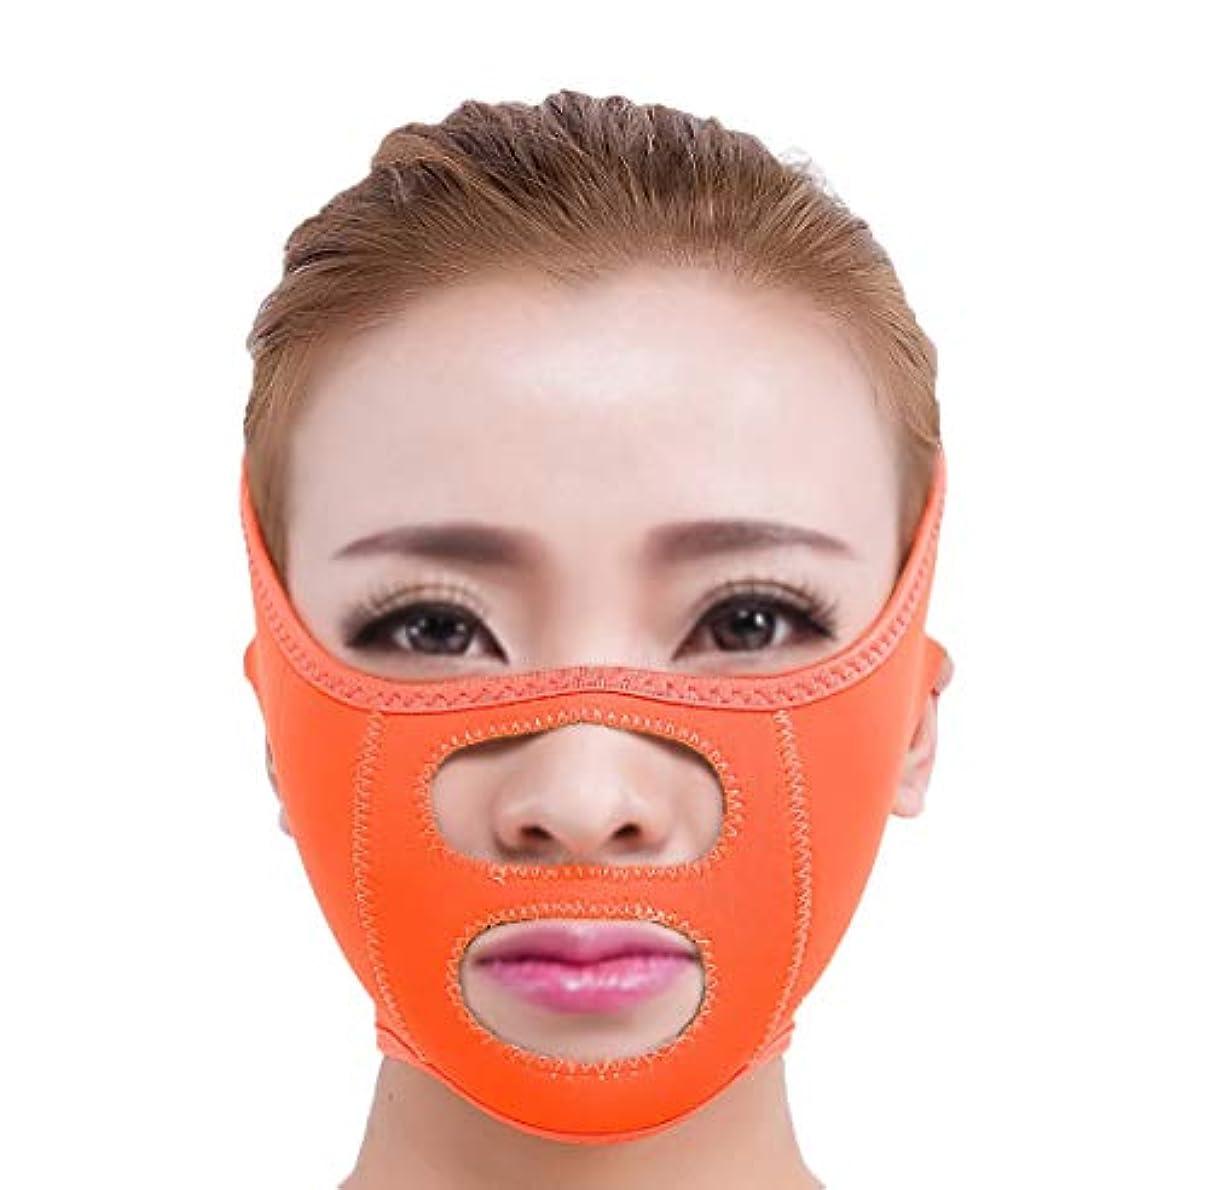 無条件グラム微妙GLJJQMY スリムベルトマスク薄い顔マスク睡眠薄い顔マスク薄い顔包帯薄い顔アーティファクト薄い顔薄い顔薄い顔小さいV顔睡眠薄い顔ベルト 顔用整形マスク (Color : Blue)